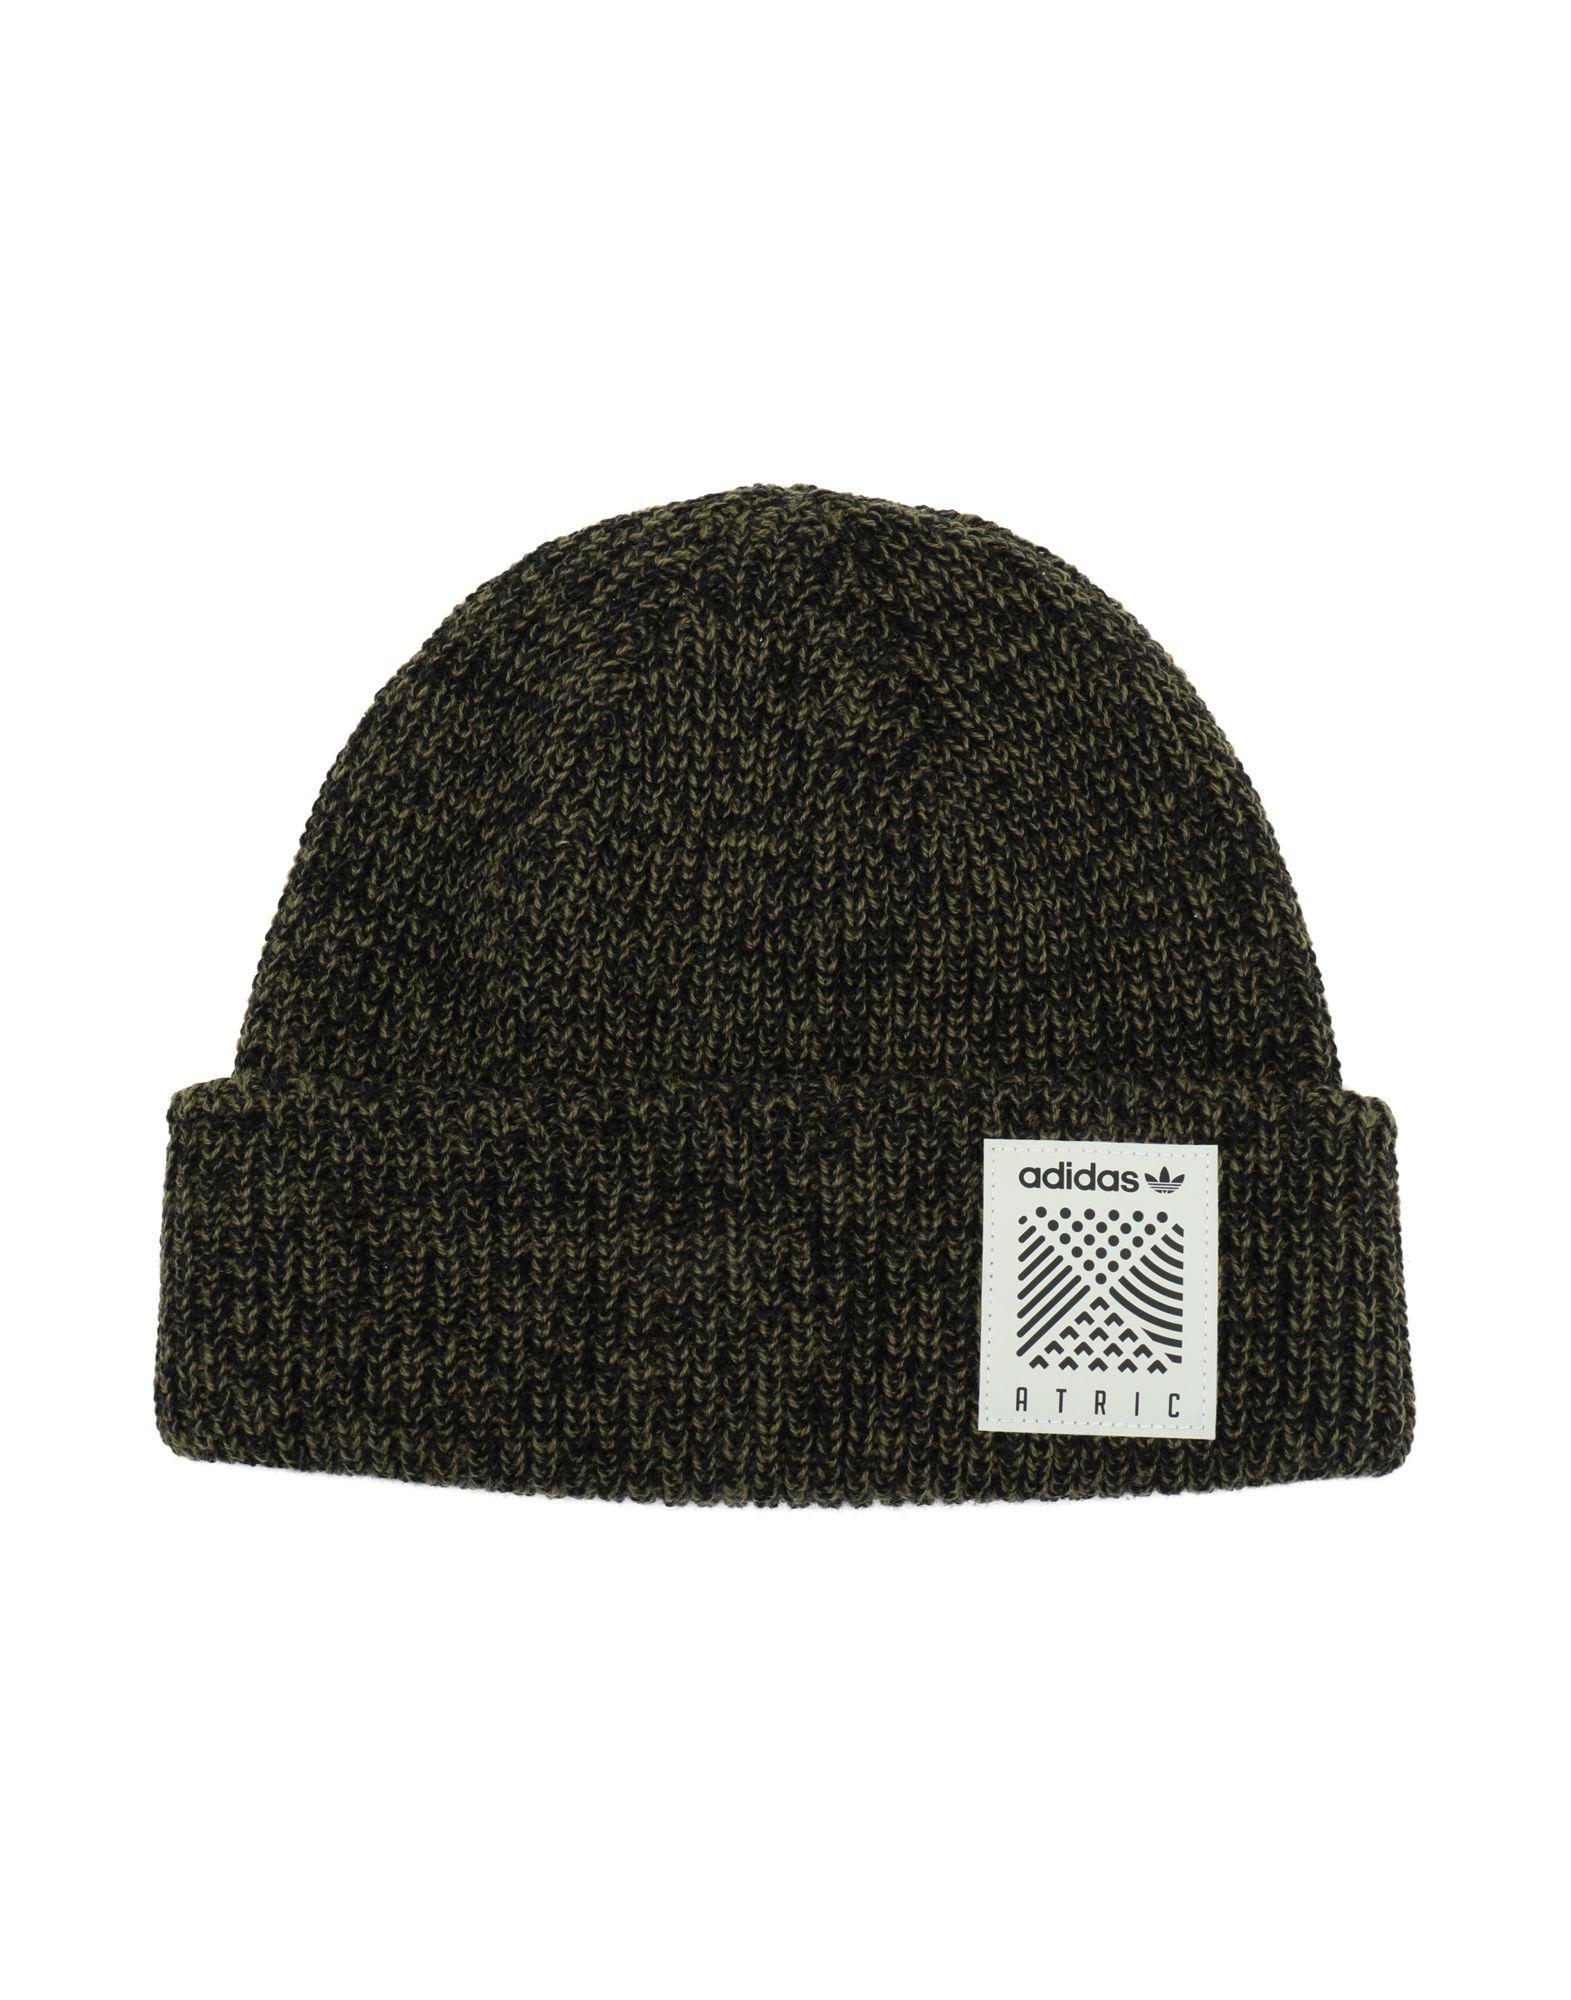 new product 4c7dc d51c8 Adidas Originals - Green Hat - Lyst. View fullscreen